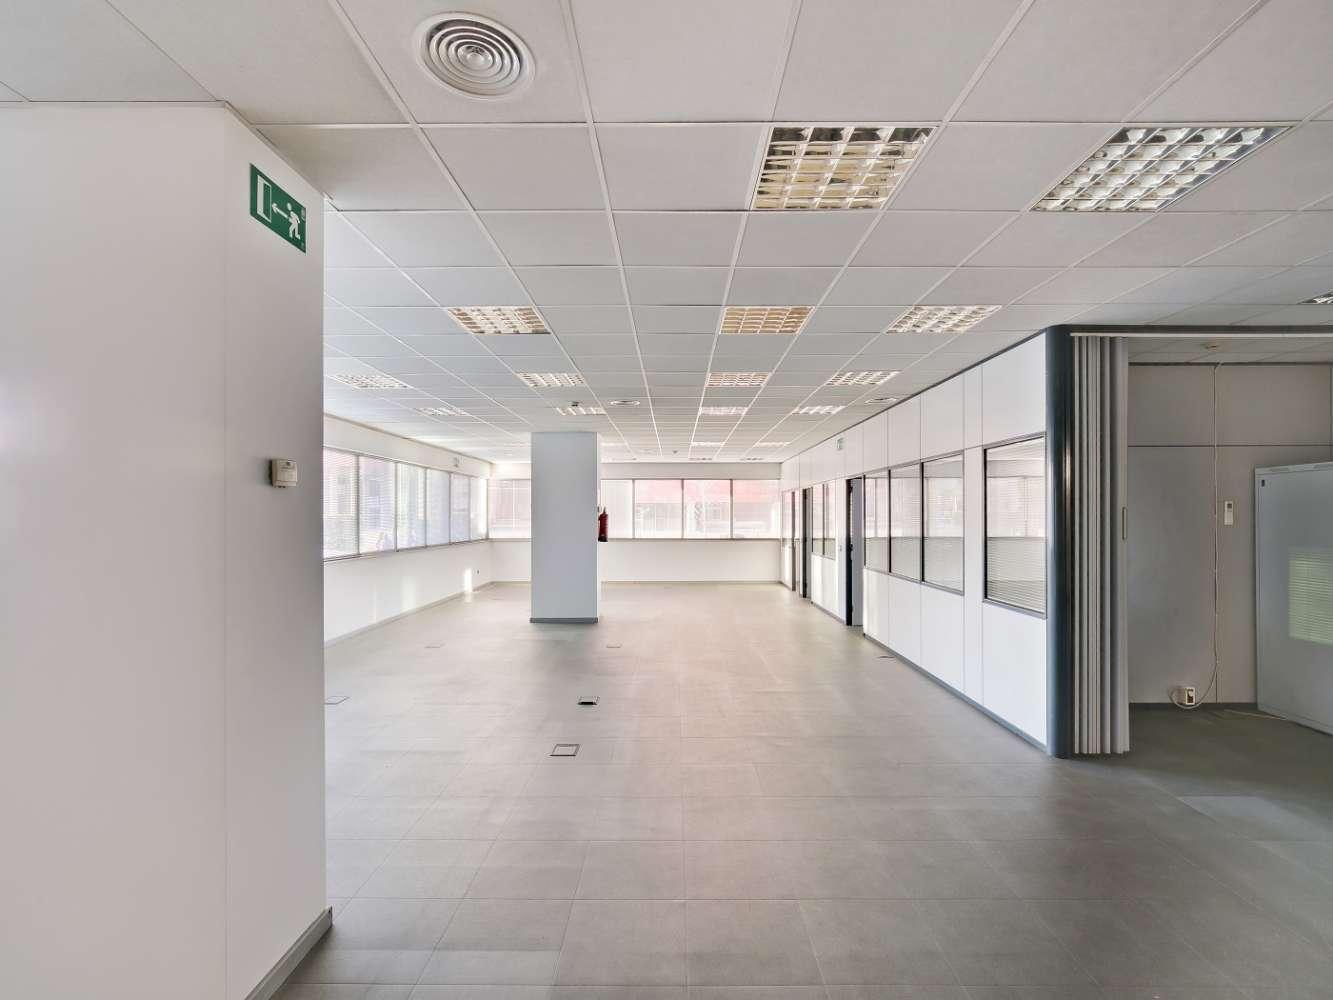 Oficina Rivas-vaciamadrid, 28521 - 521 Hub. Edificio 2 - 14515